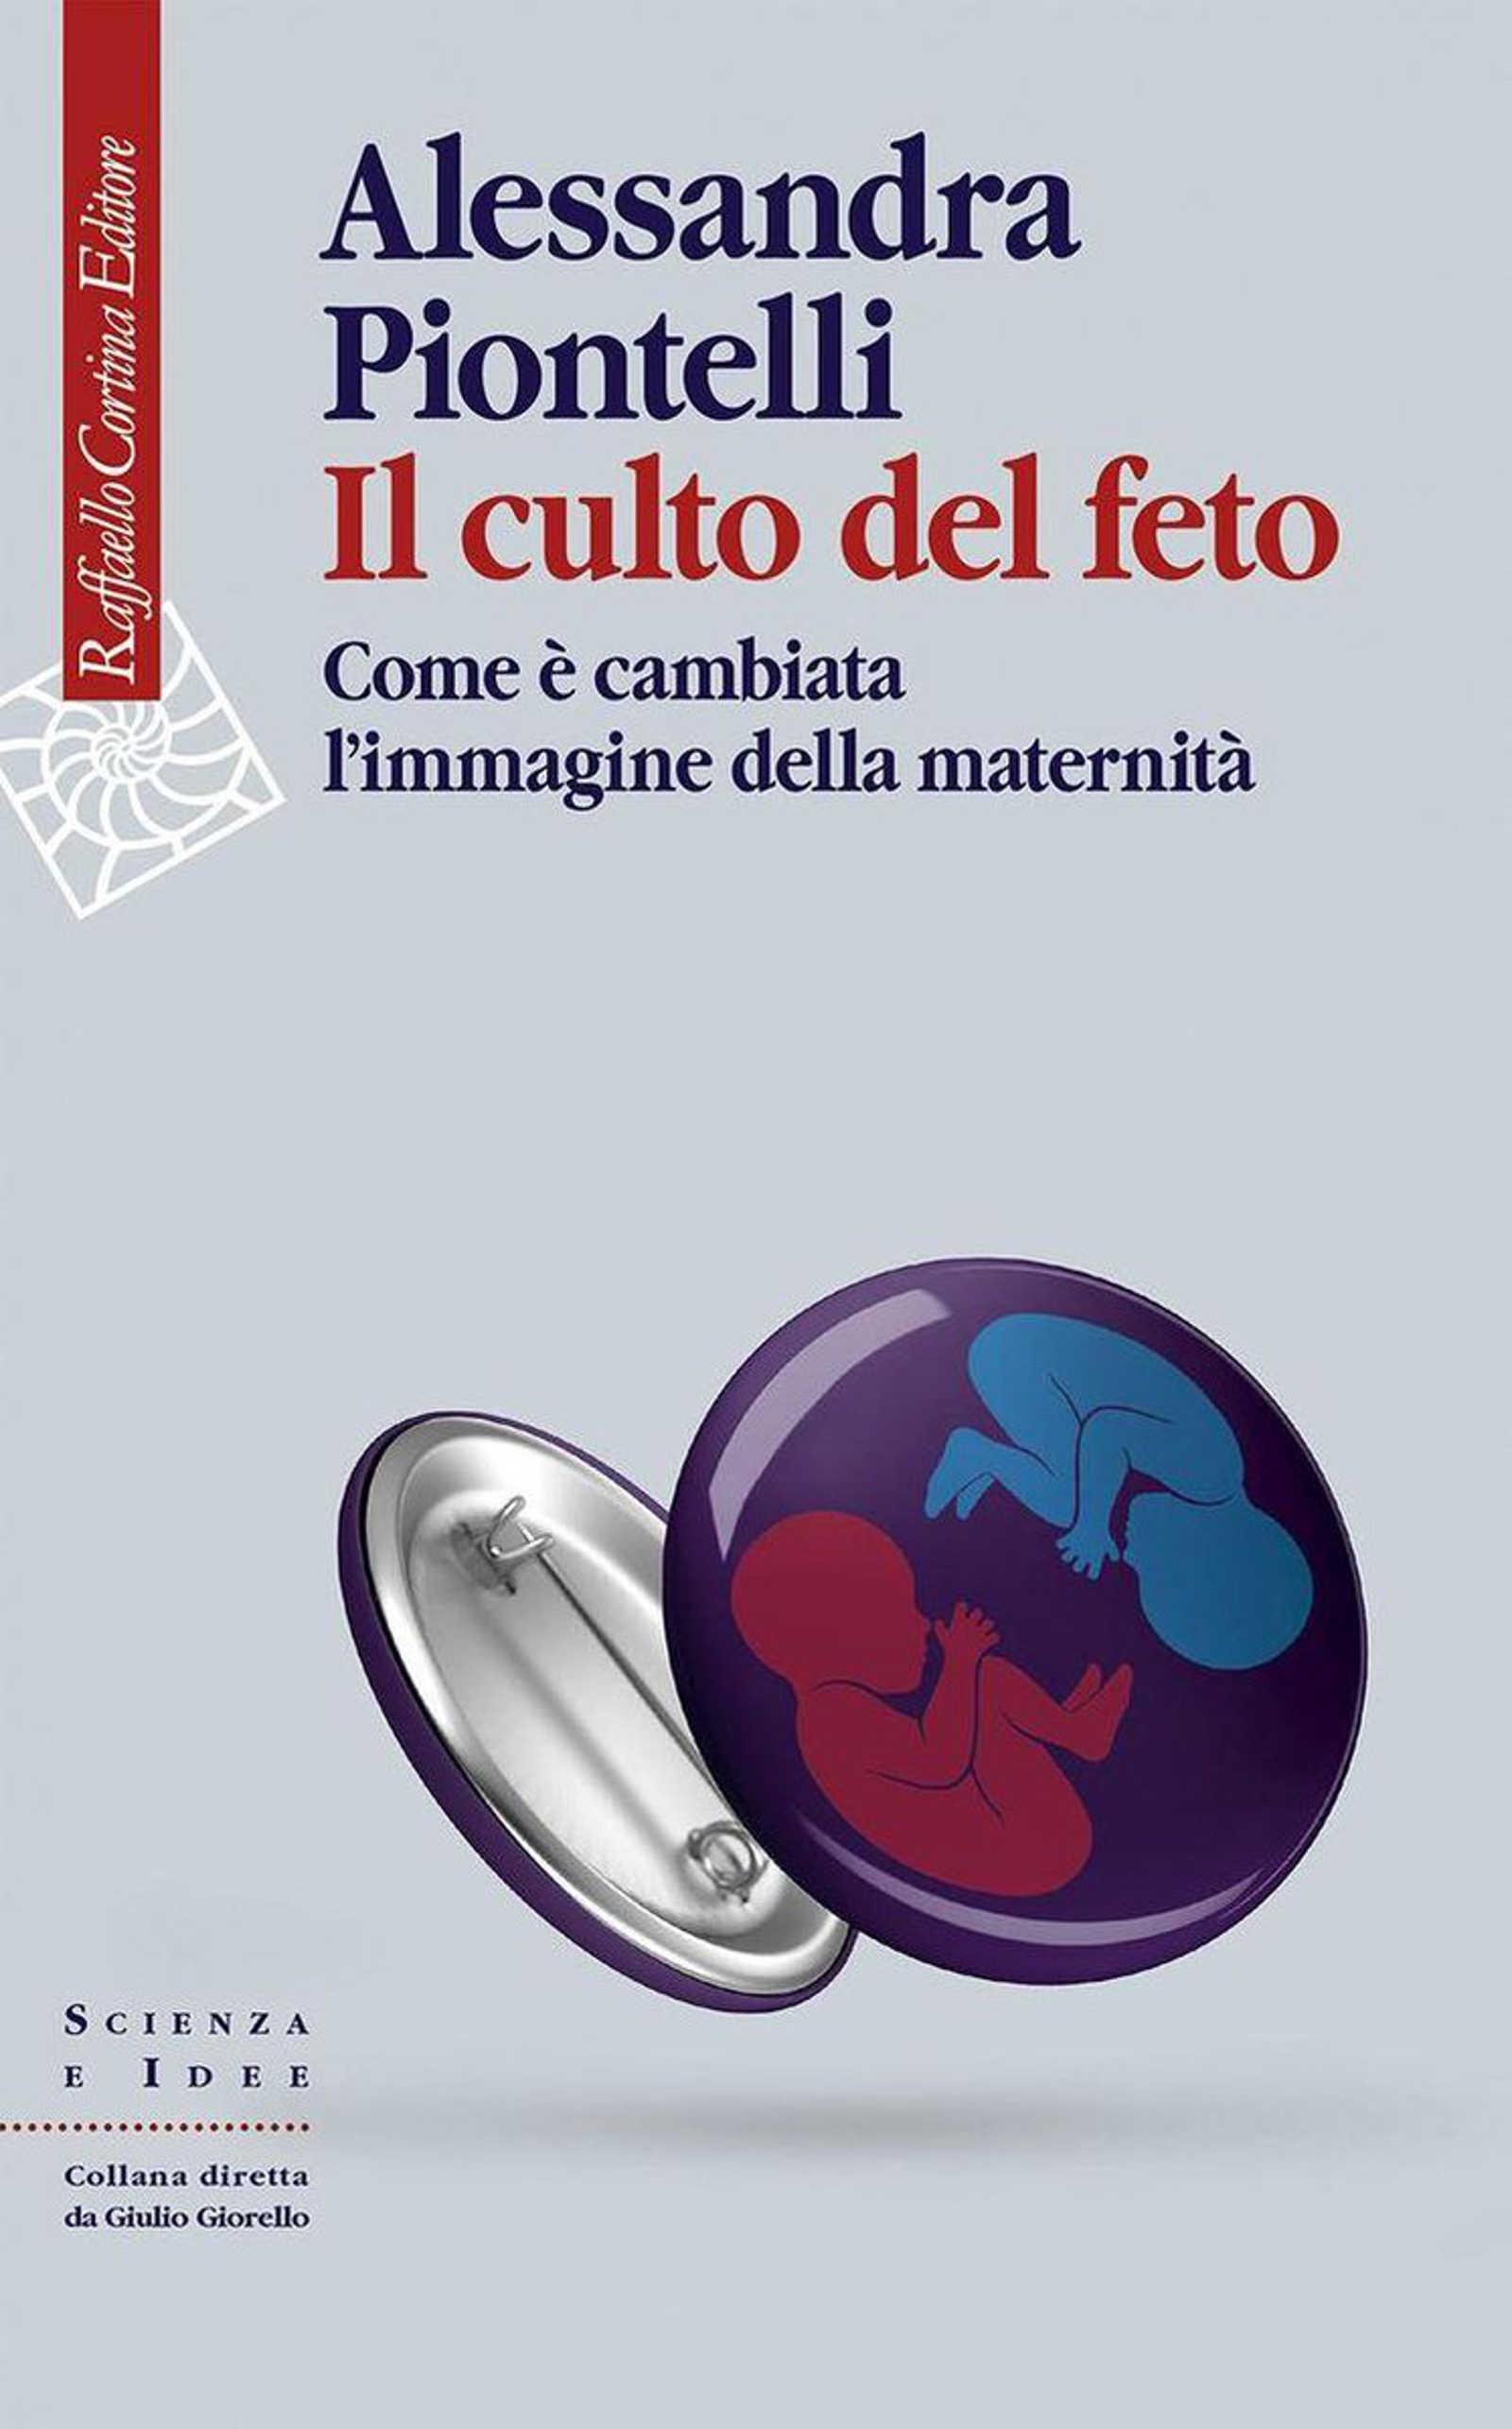 Il culto del feto. Come è cambiata l'immagine della maternità (2020) di Piontelli A. – Recensione